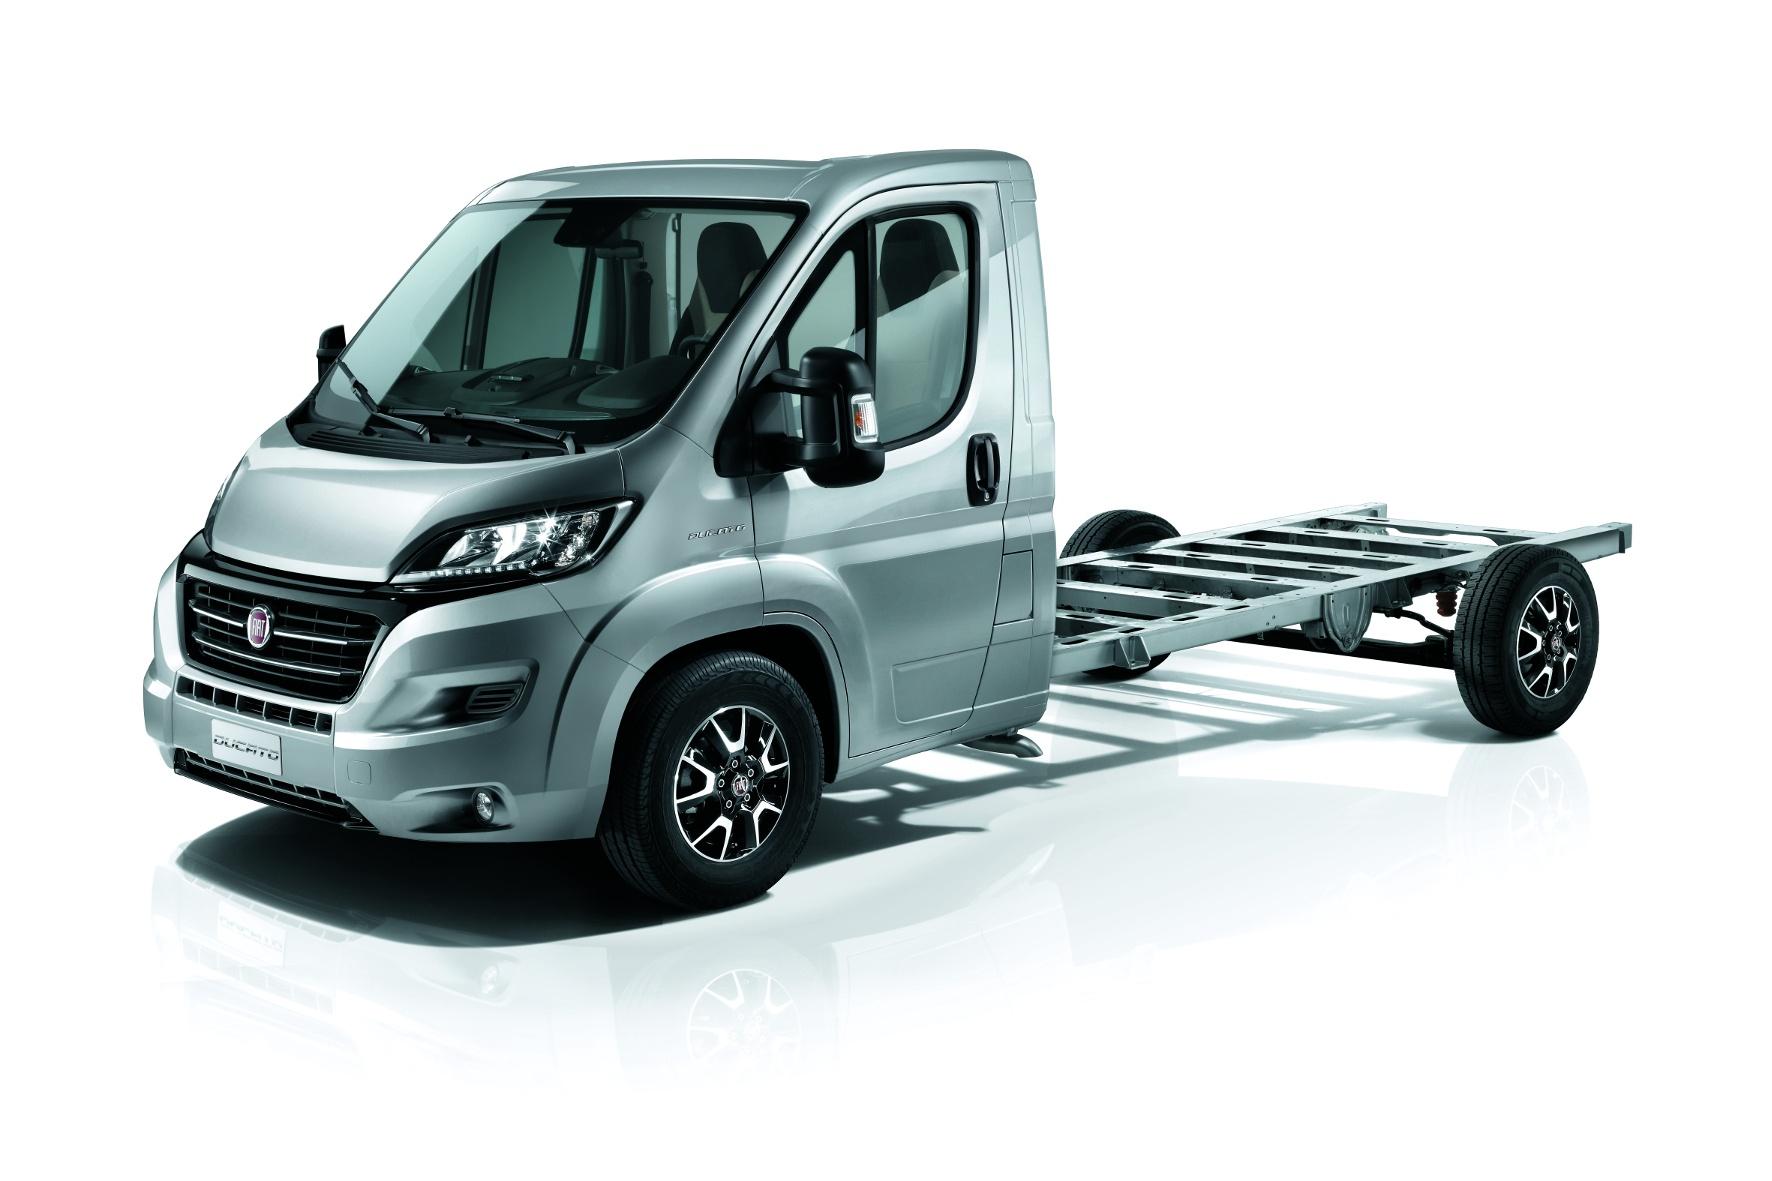 Sind Reisemobile mit Dieselmotor eigentlich von Fahrverboten bedroht?